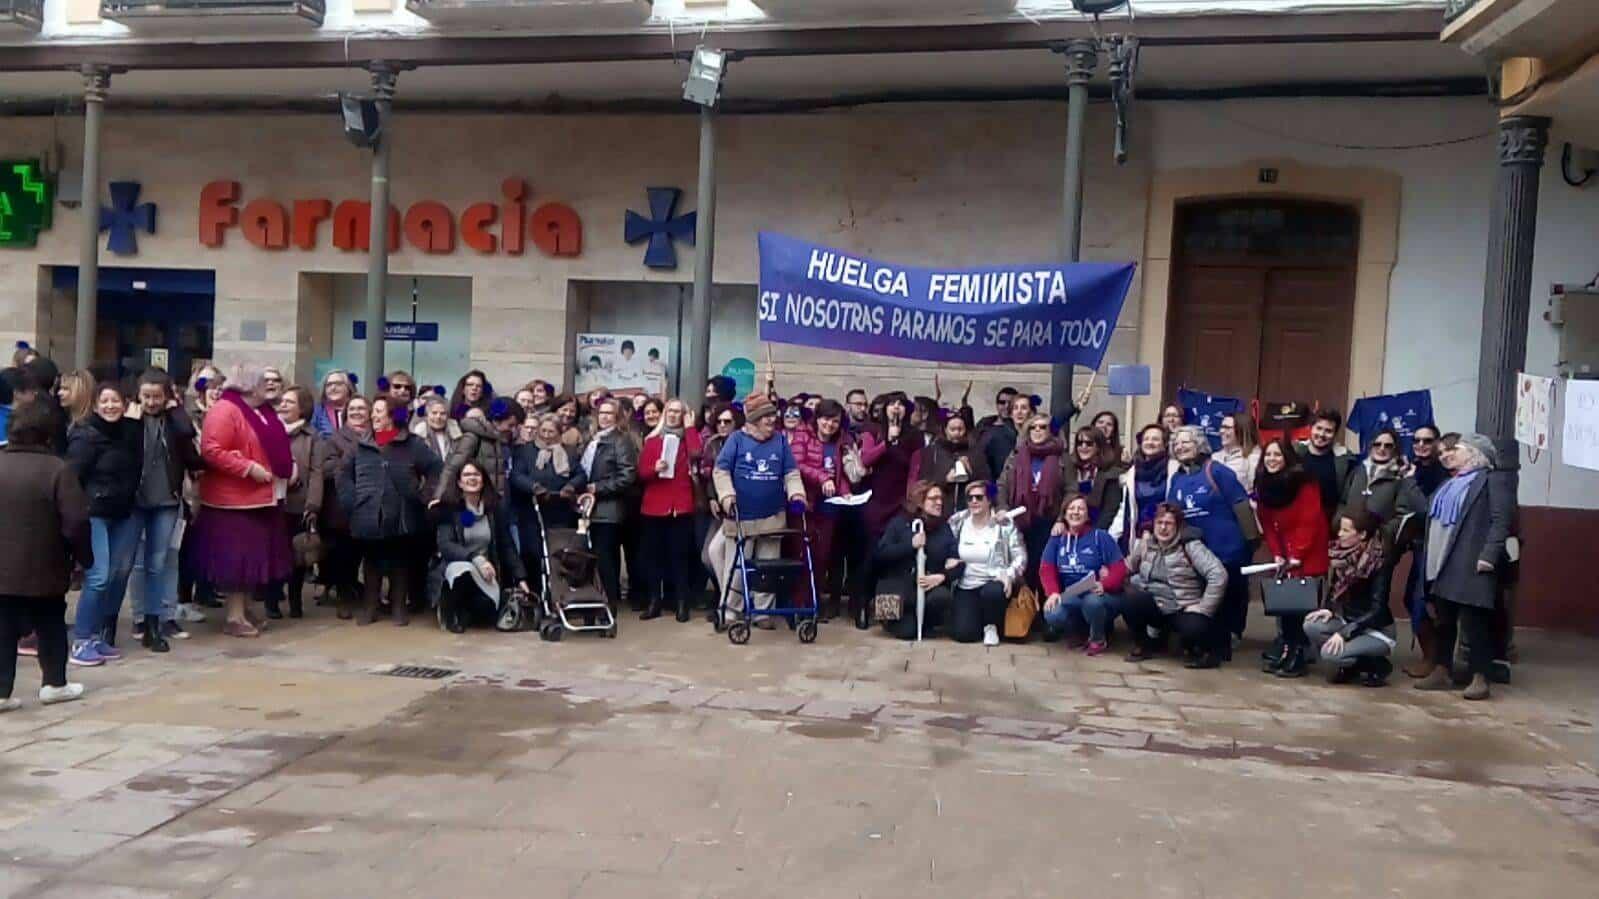 huelga feminista herencia - Qué ellas nos guíen